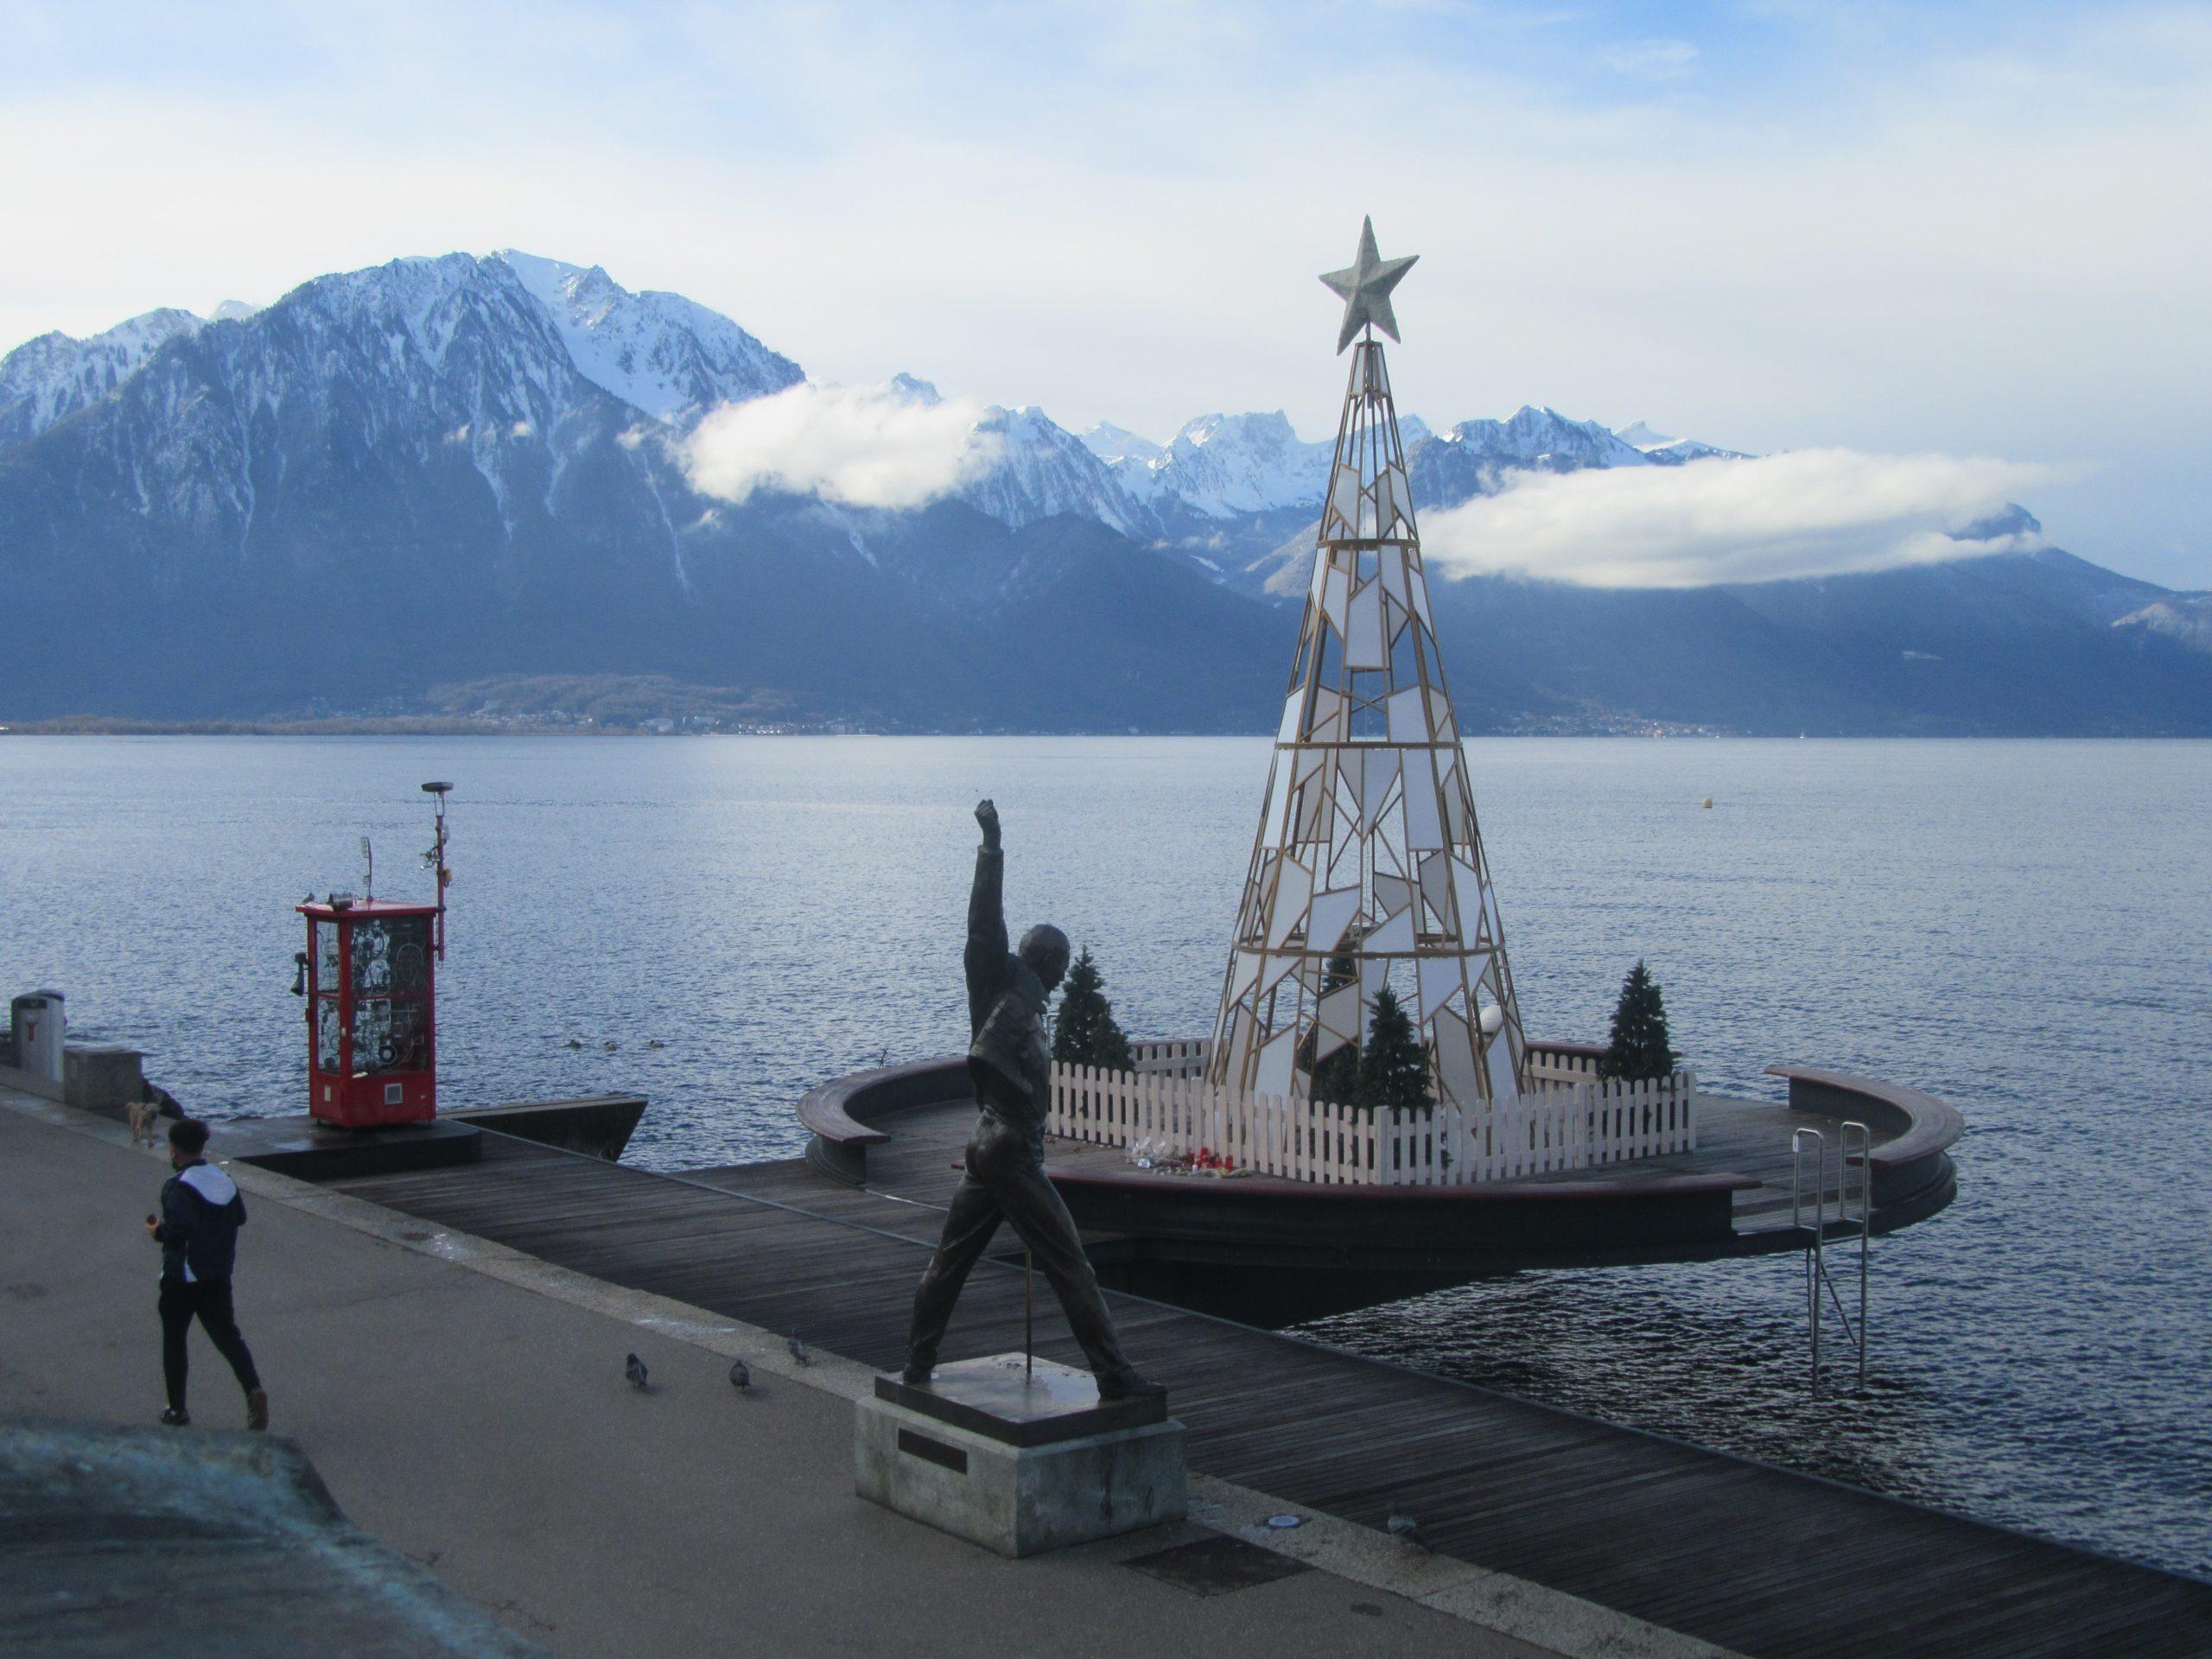 Balade sur les bords du lac Léman à Montreux